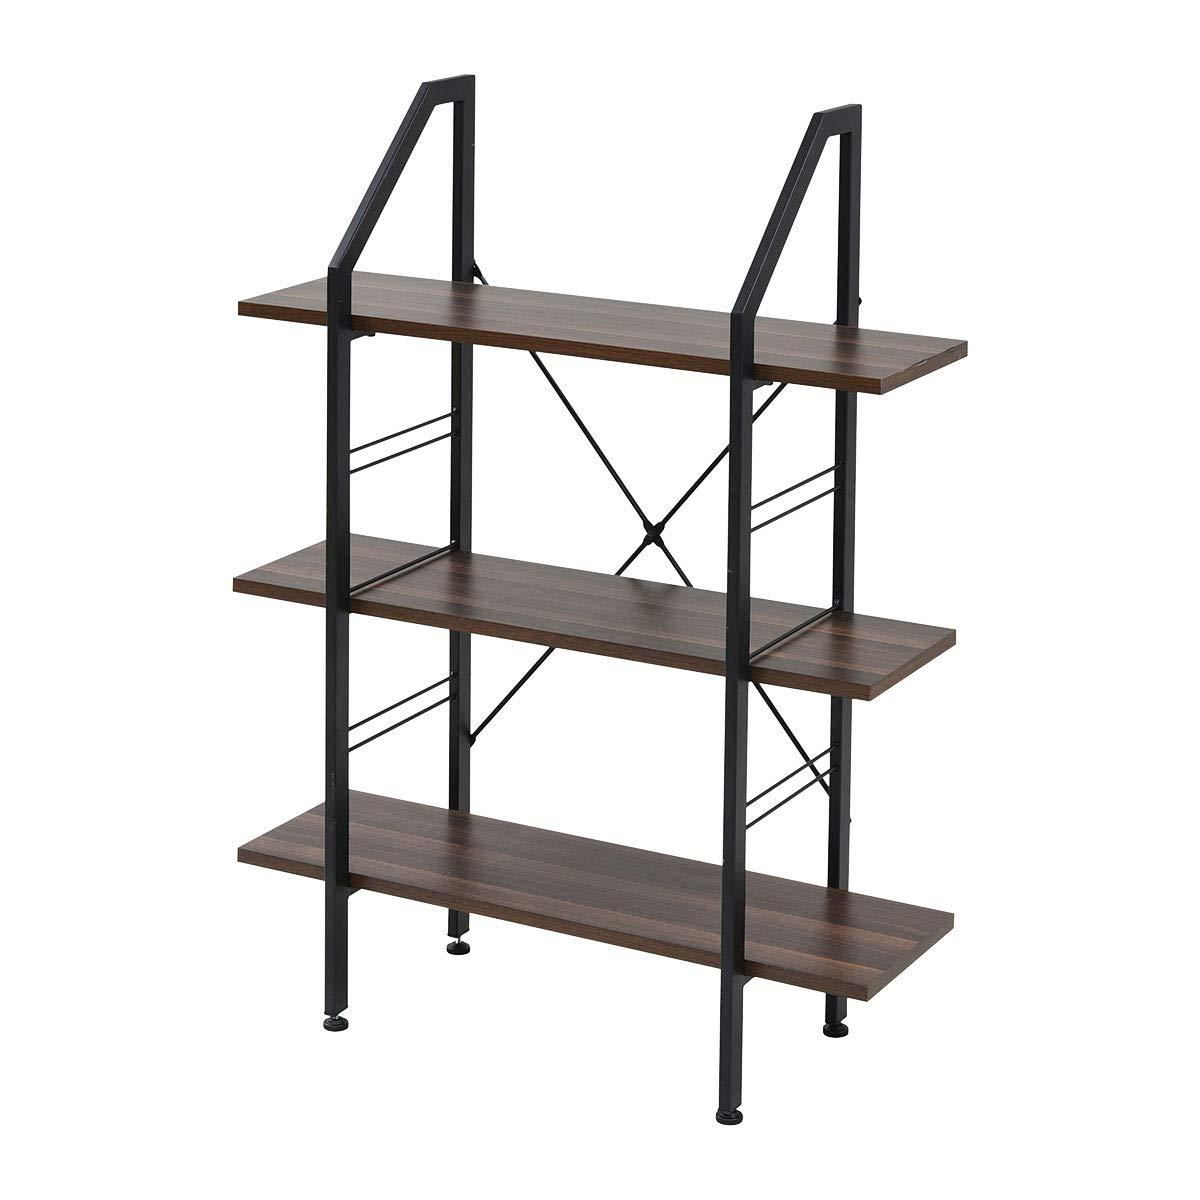 ぼん家具 シェルフ ディスプレイラック ラック 棚 北欧風シェルフ おしゃれ 木製 ブラック×ブラウン B07SYHGV3M ブラック×ブラウン